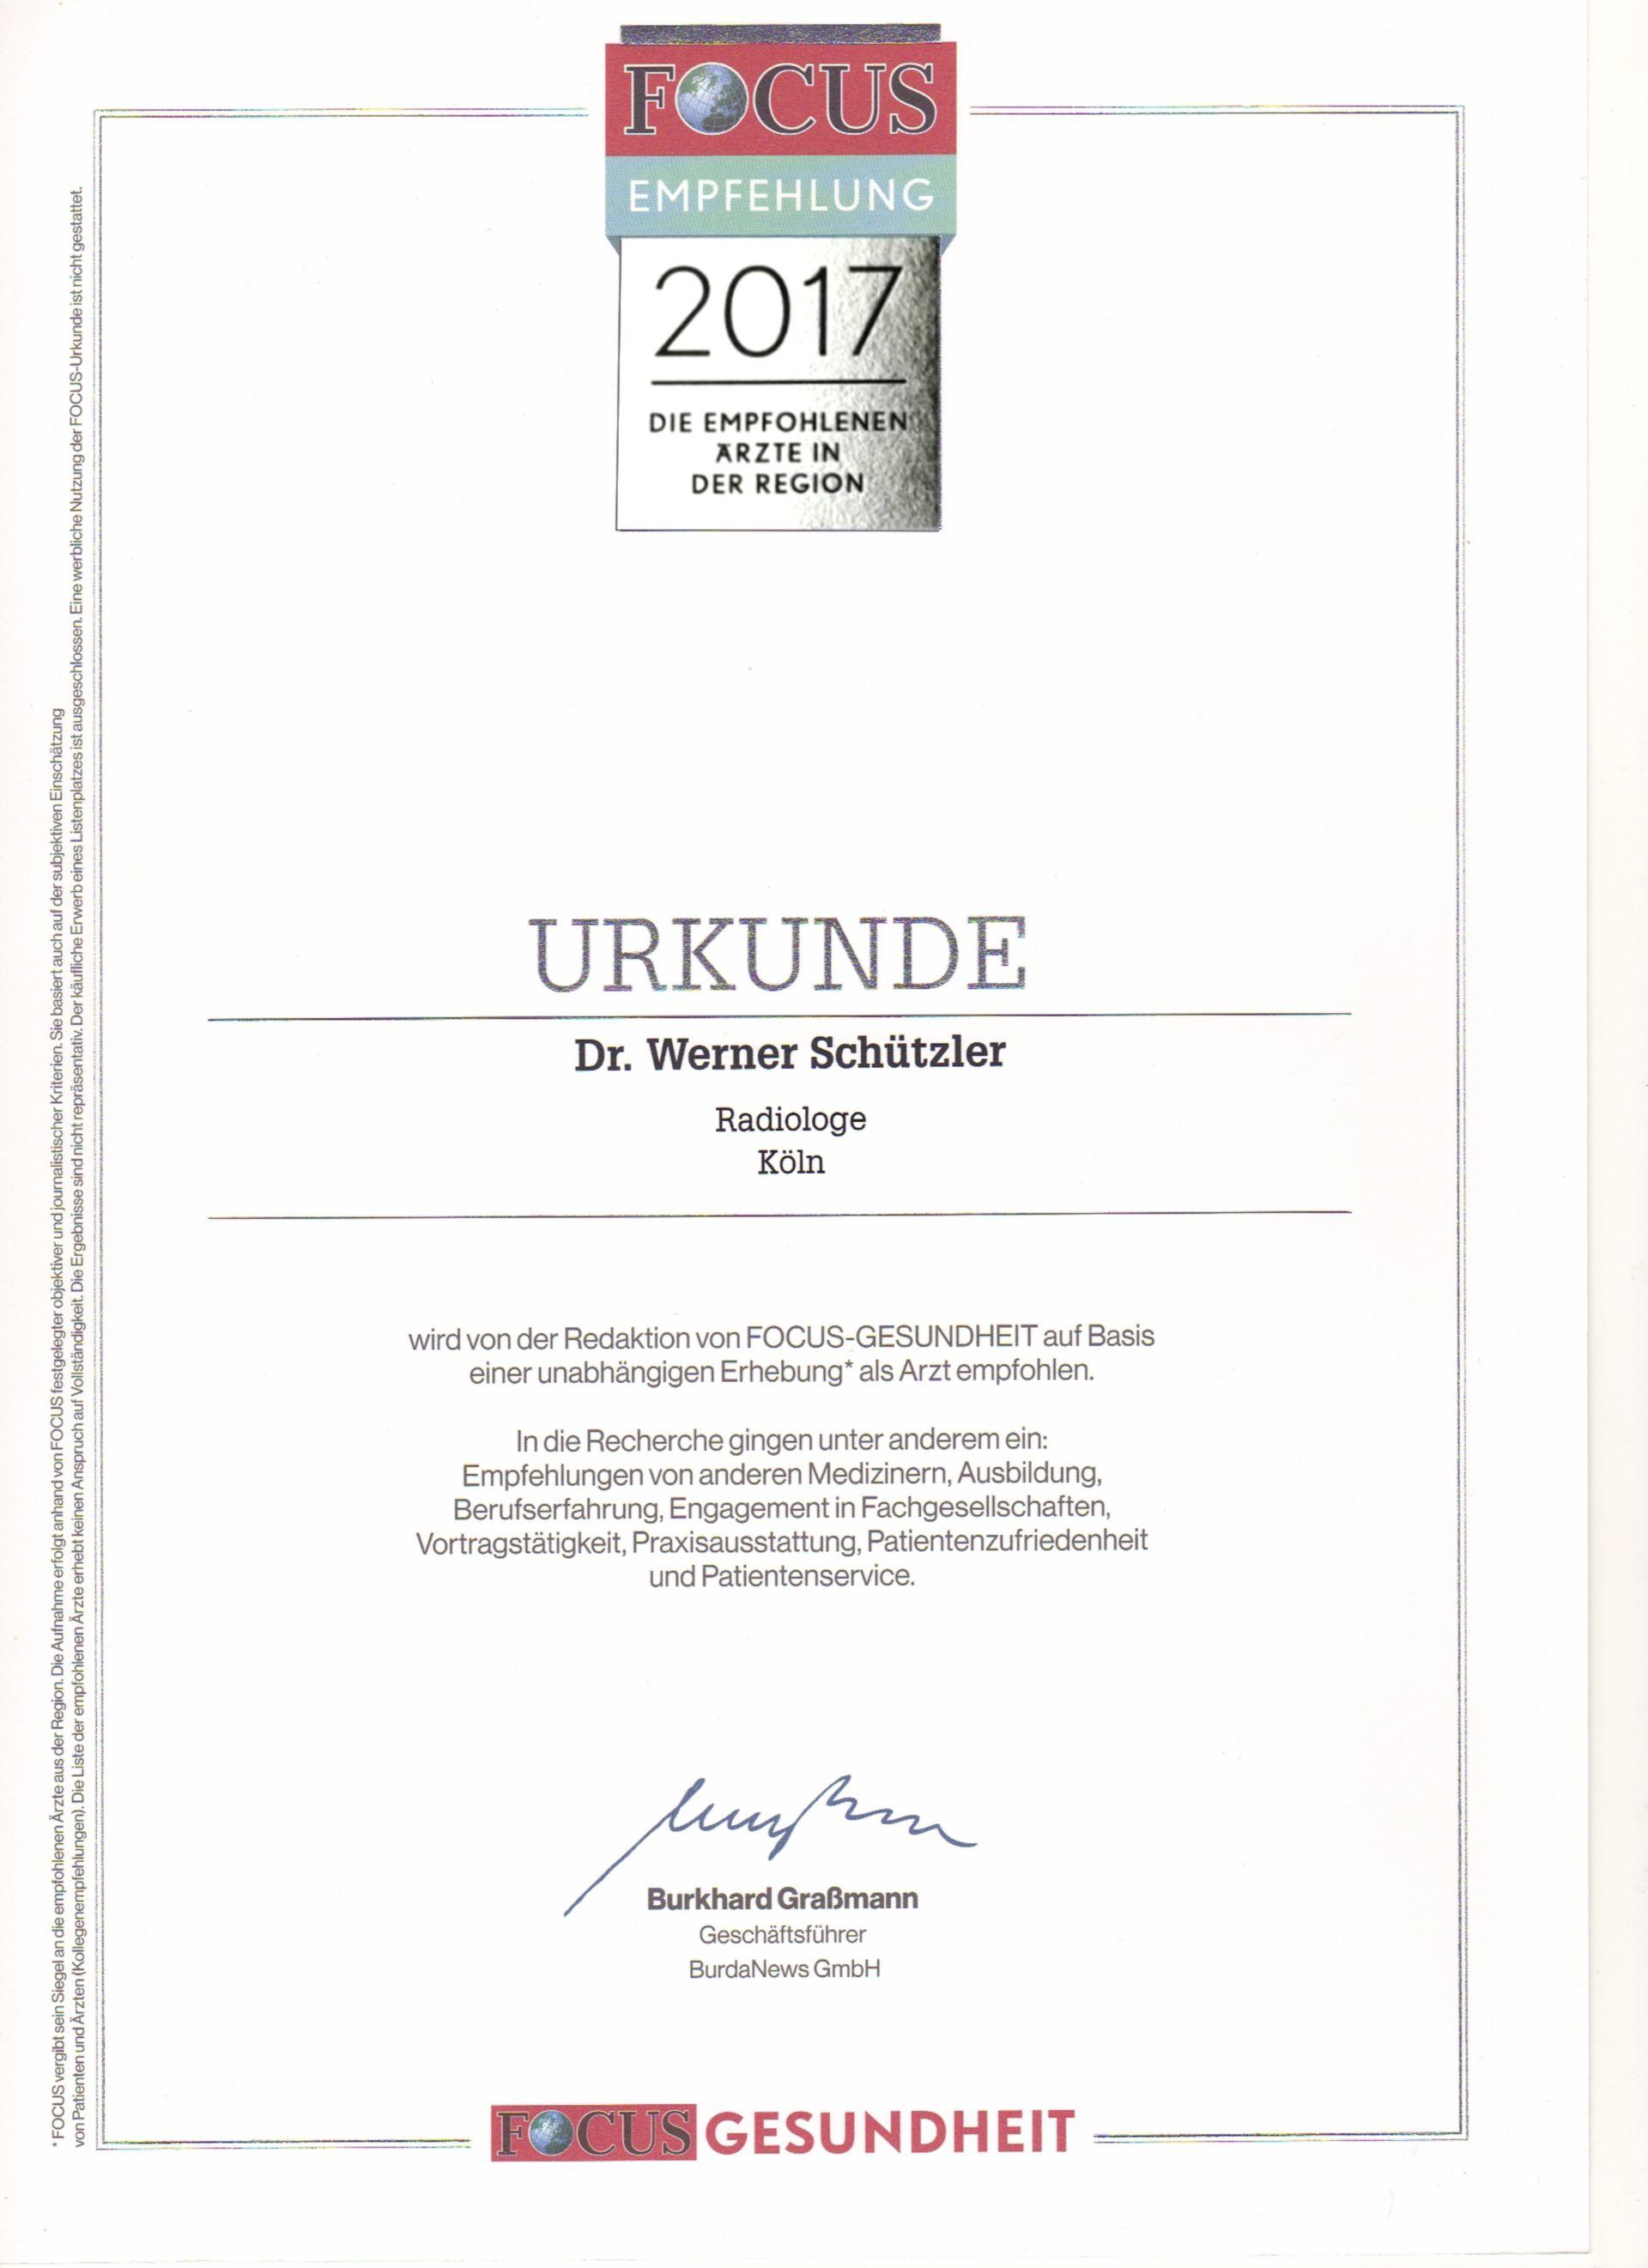 Focus-Empfehlung-2017